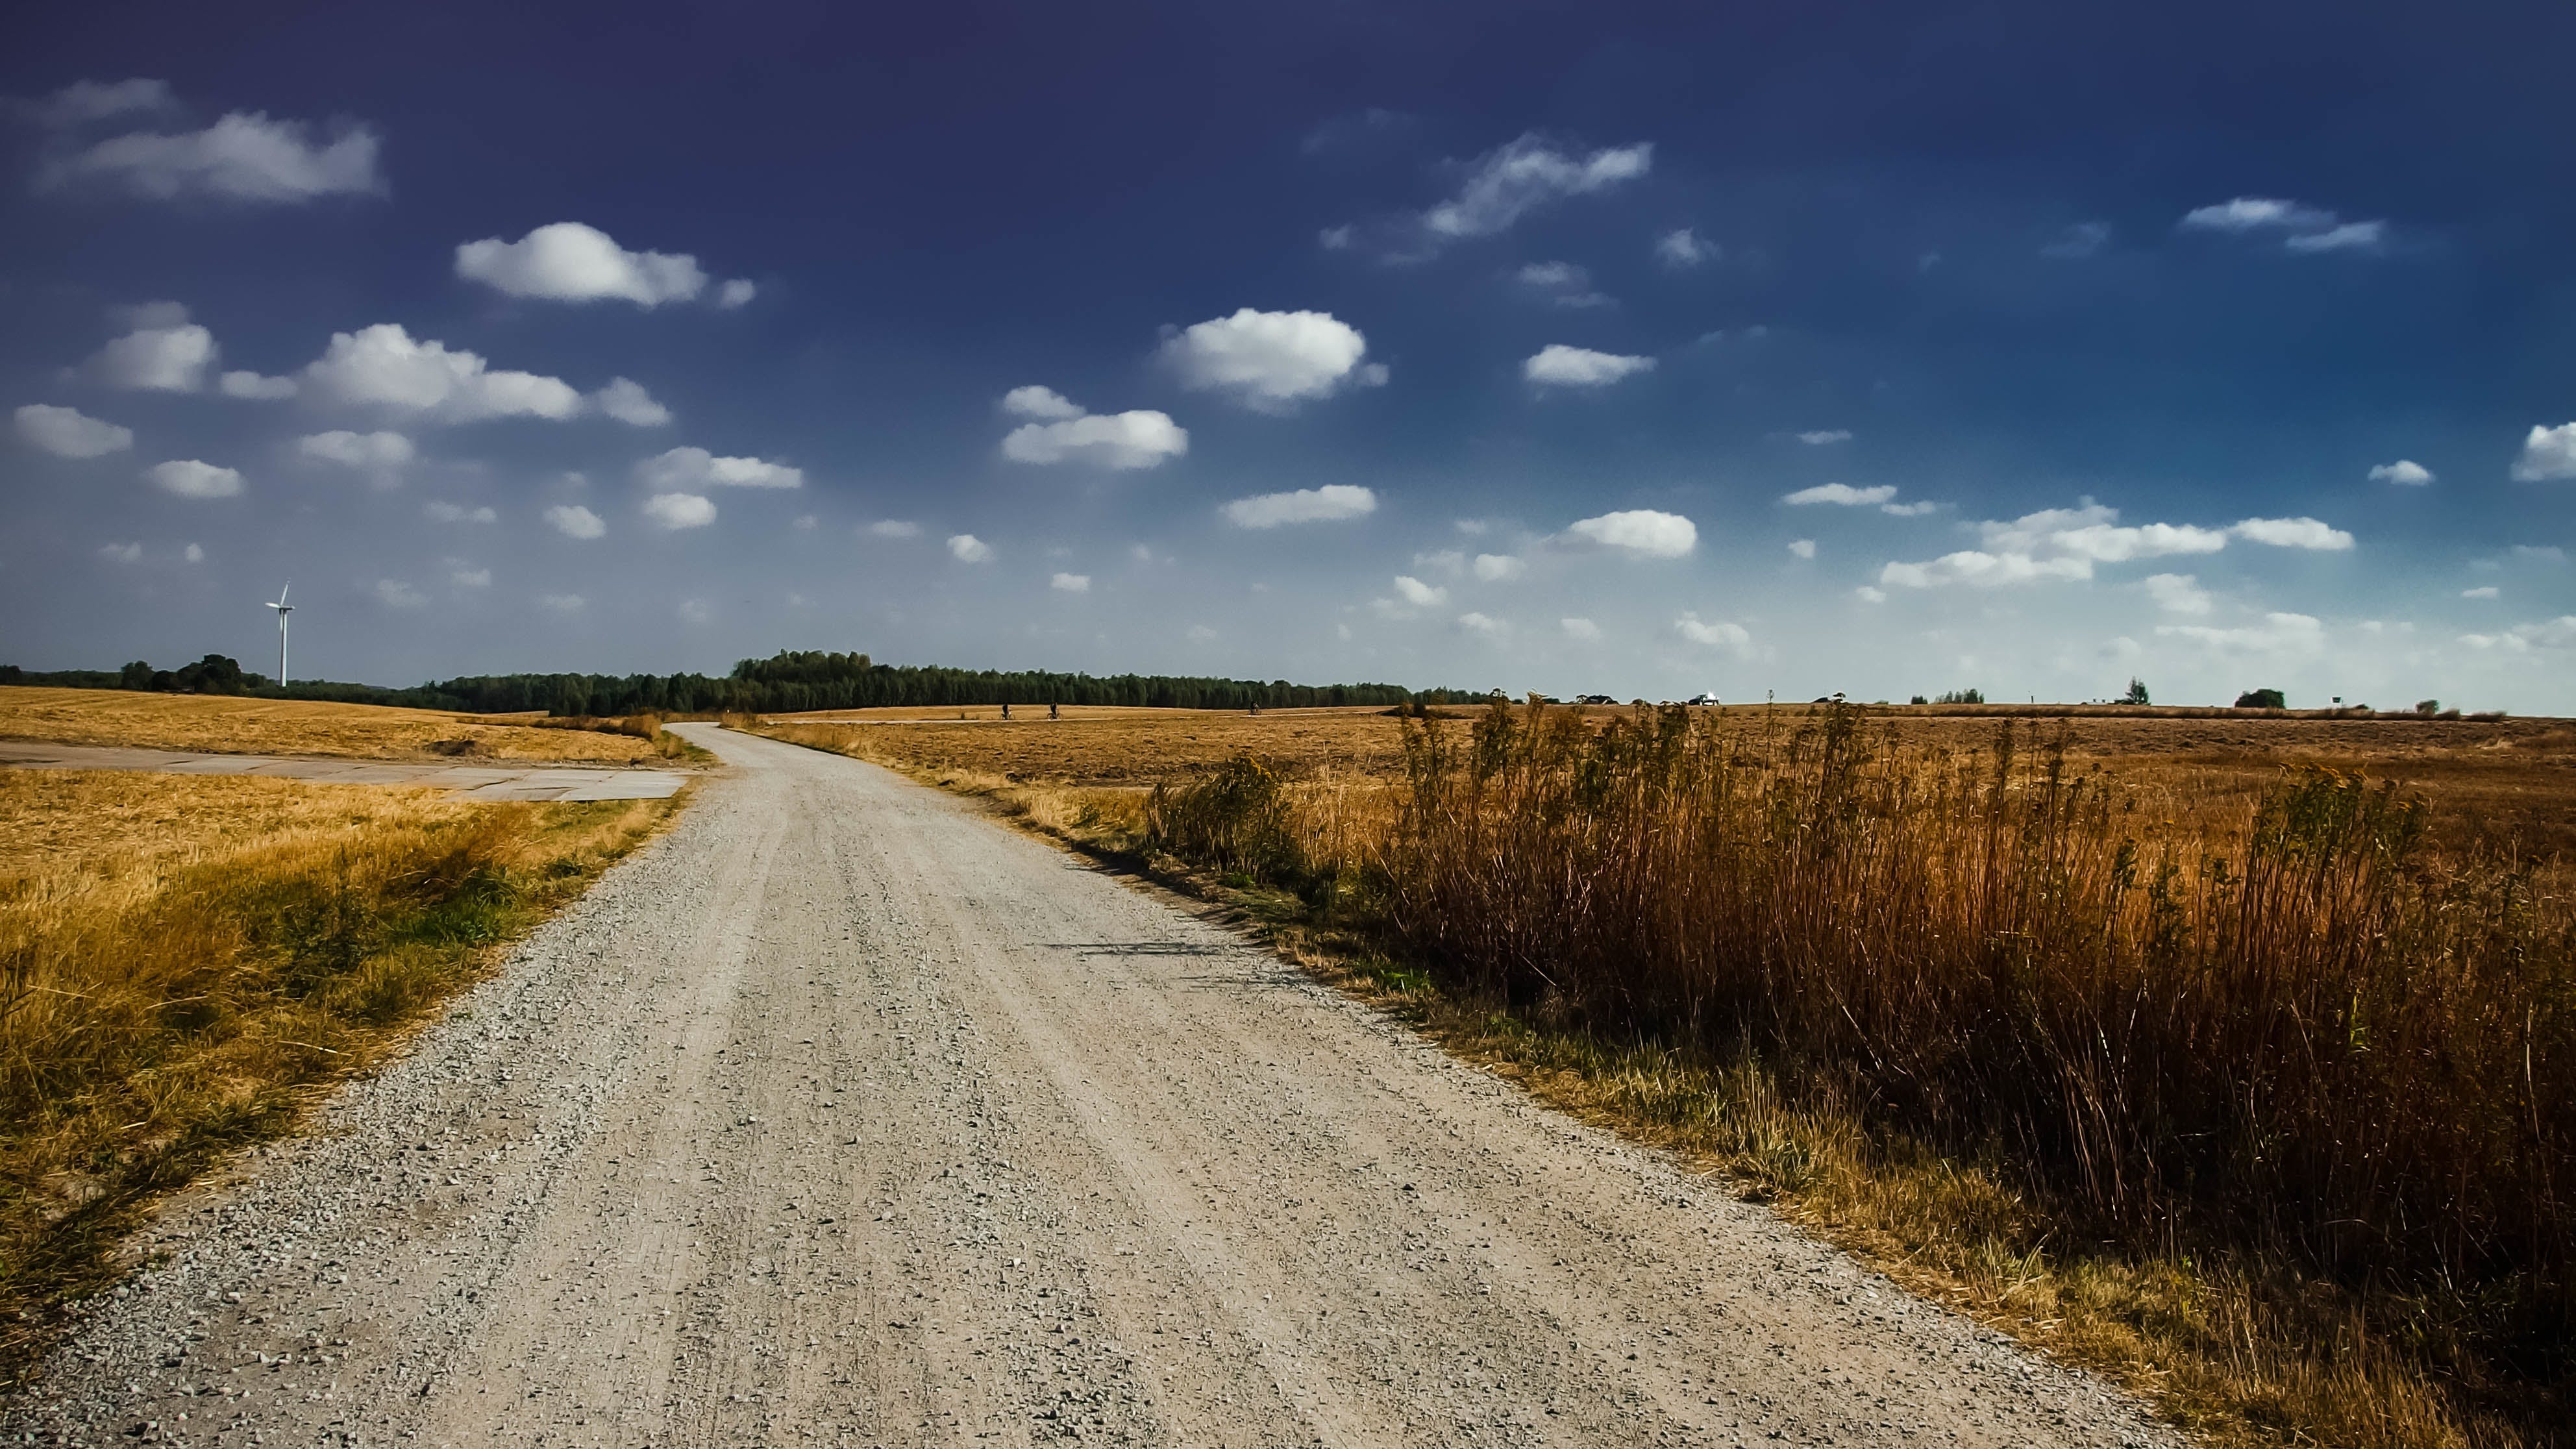 구름, 도로, 비포장 도로, 자연의 무료 스톡 사진